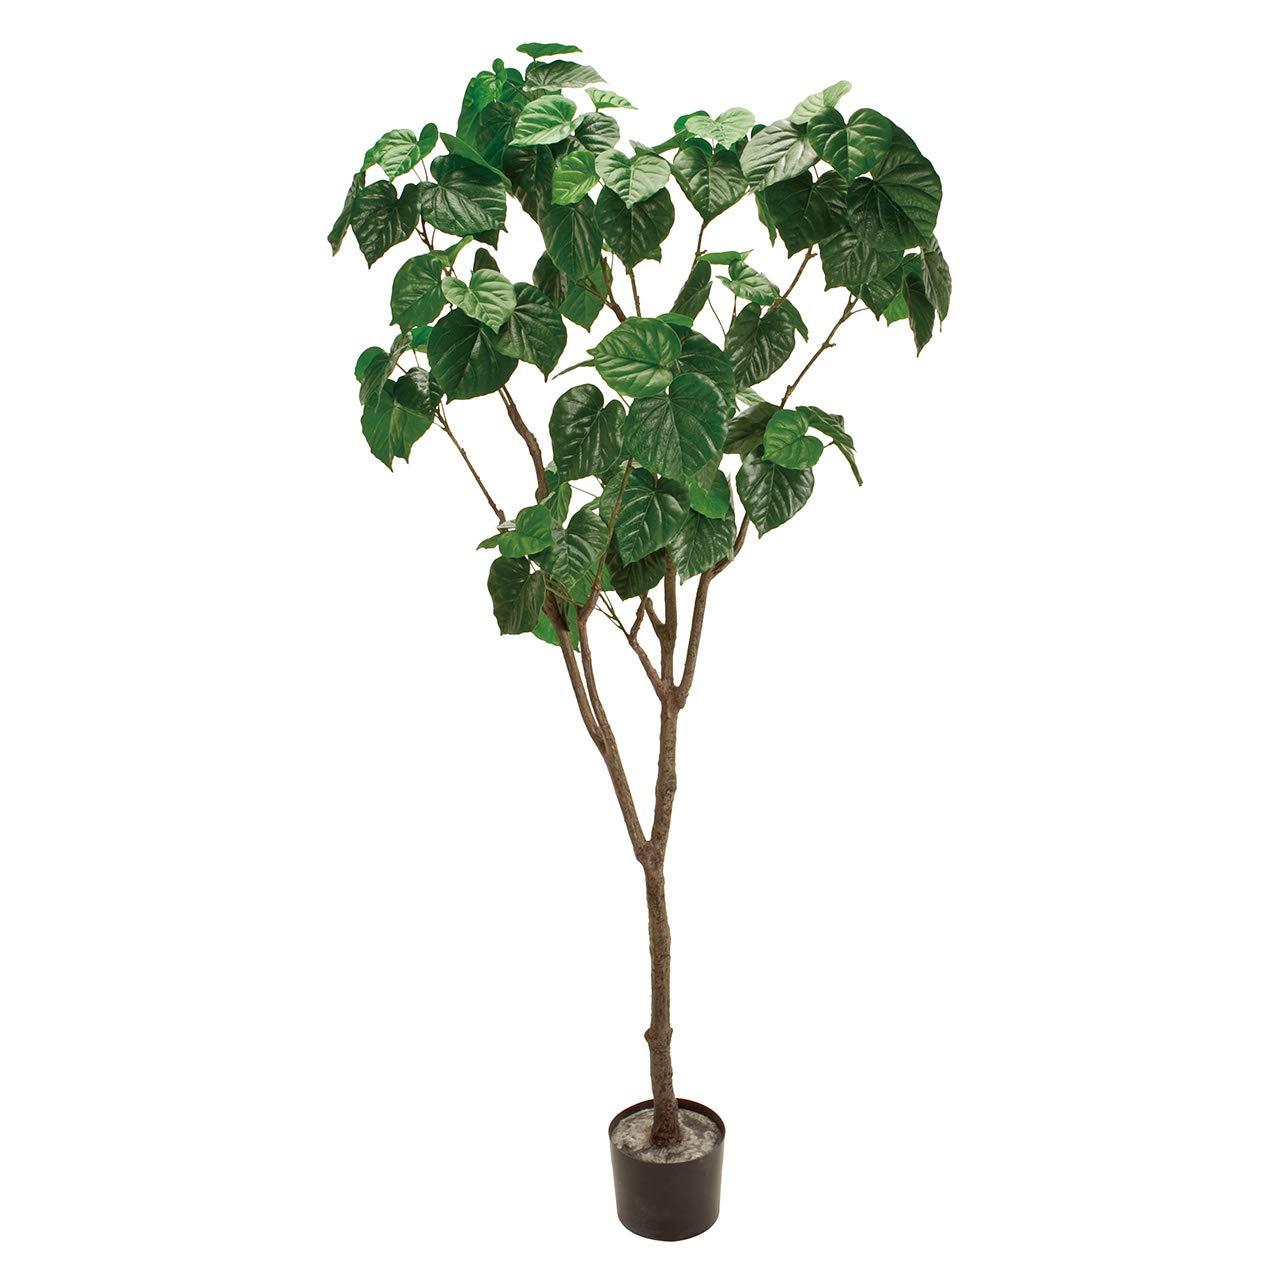 東京堂 造花 グリーン 幅 約60×高さ 約180cm 鉢径 約18×高さ 約14.5cm MAGIQブランド フィドルツリーポットL FG001269 B07PN474P6